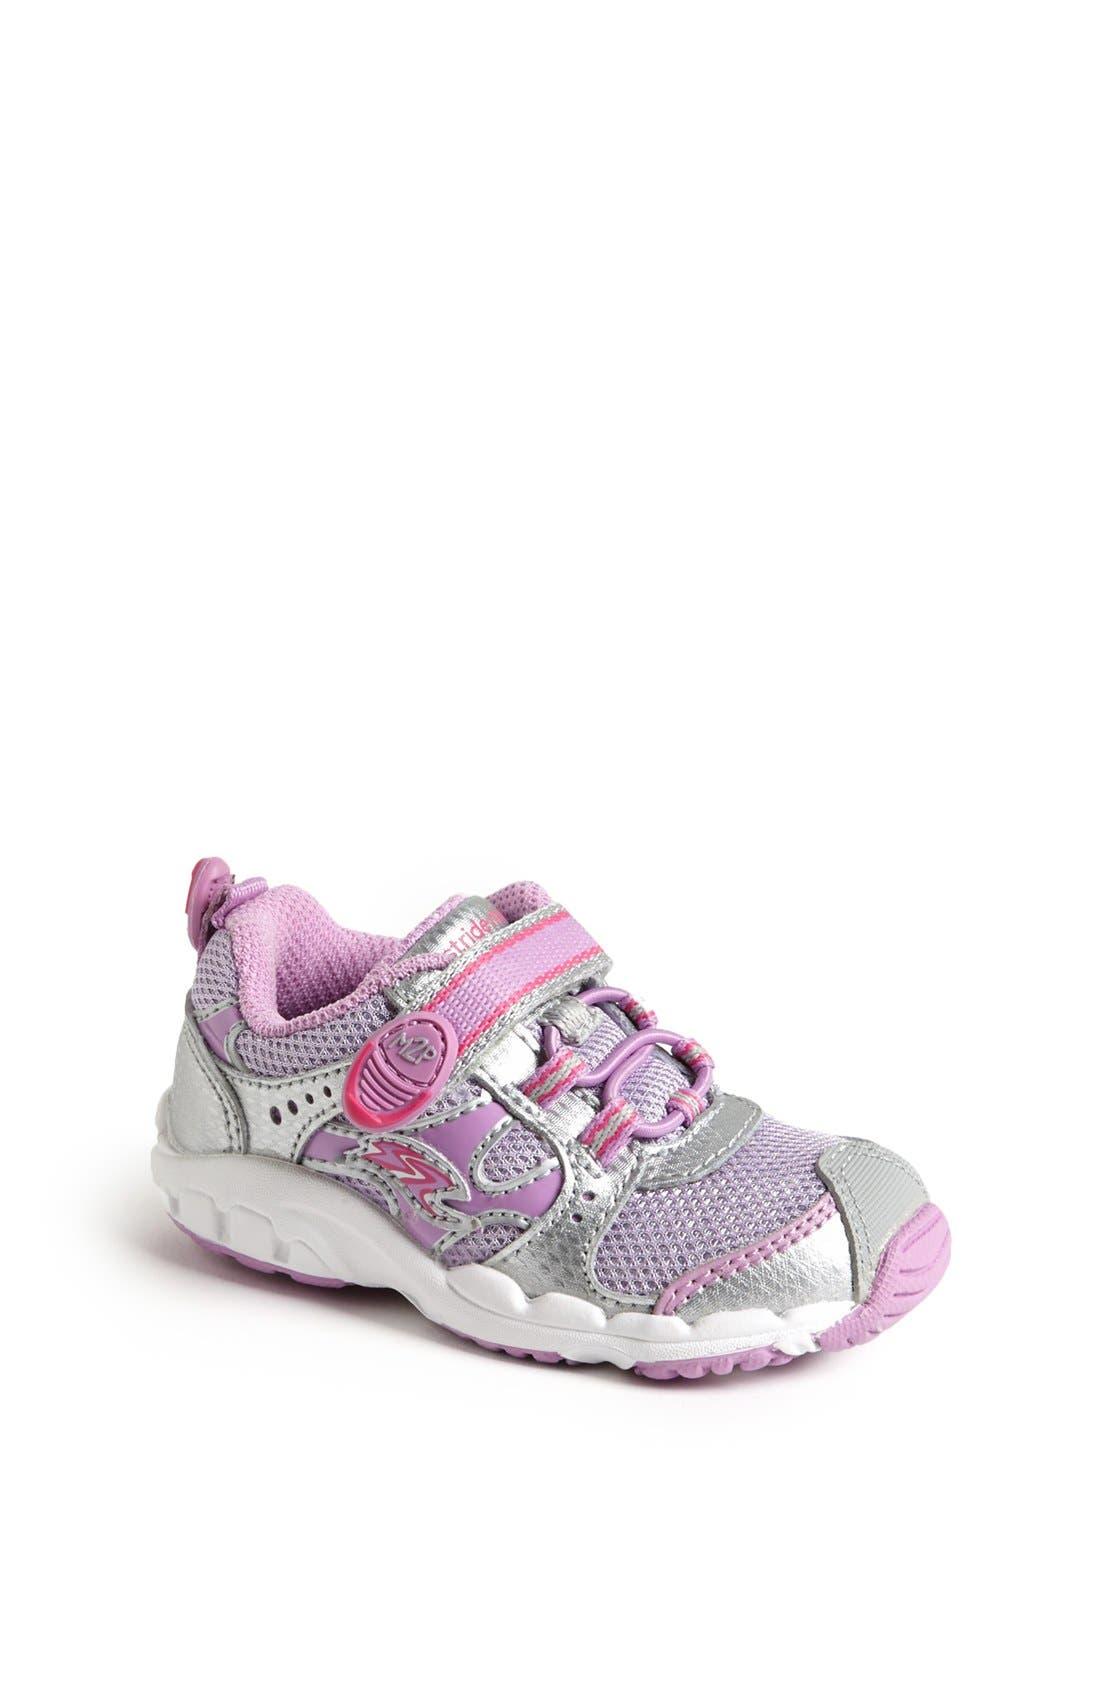 Main Image - Stride Rite 'Made 2 Play™ - Reagan' Sneaker (Baby, Walker & Toddler)